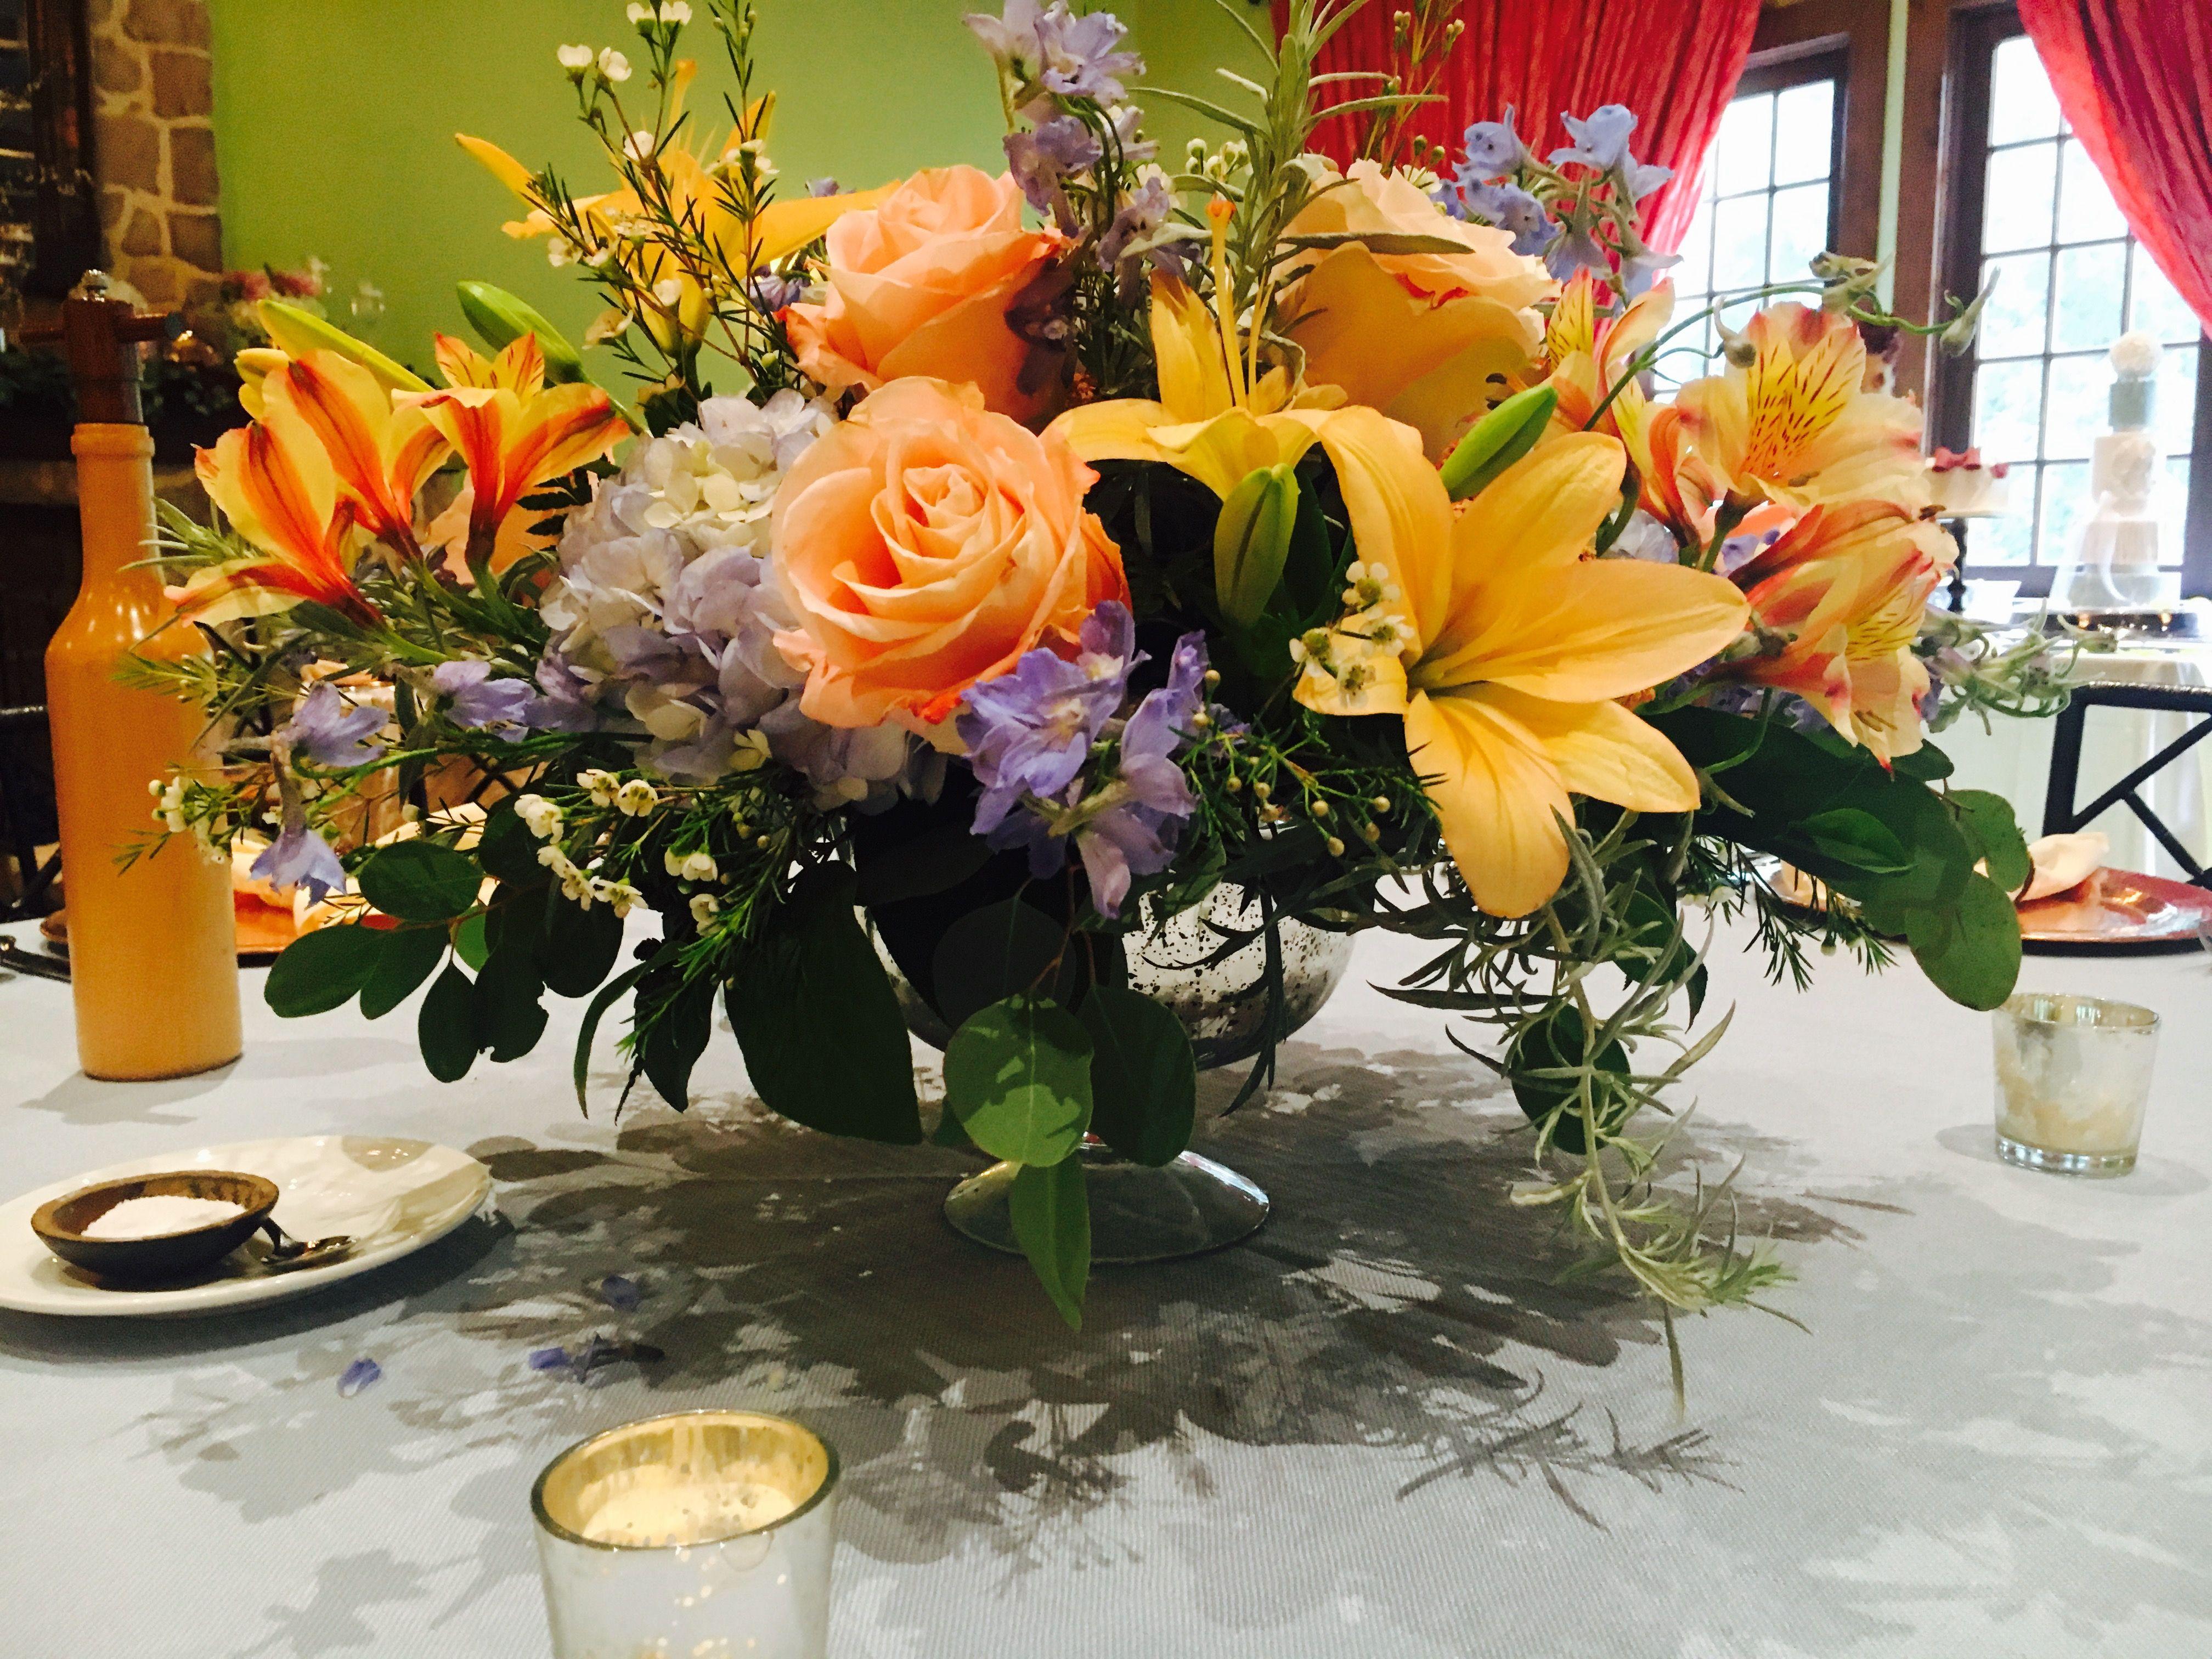 Bouvardia in 2020 Bouvardia flowers, Wedding flowers